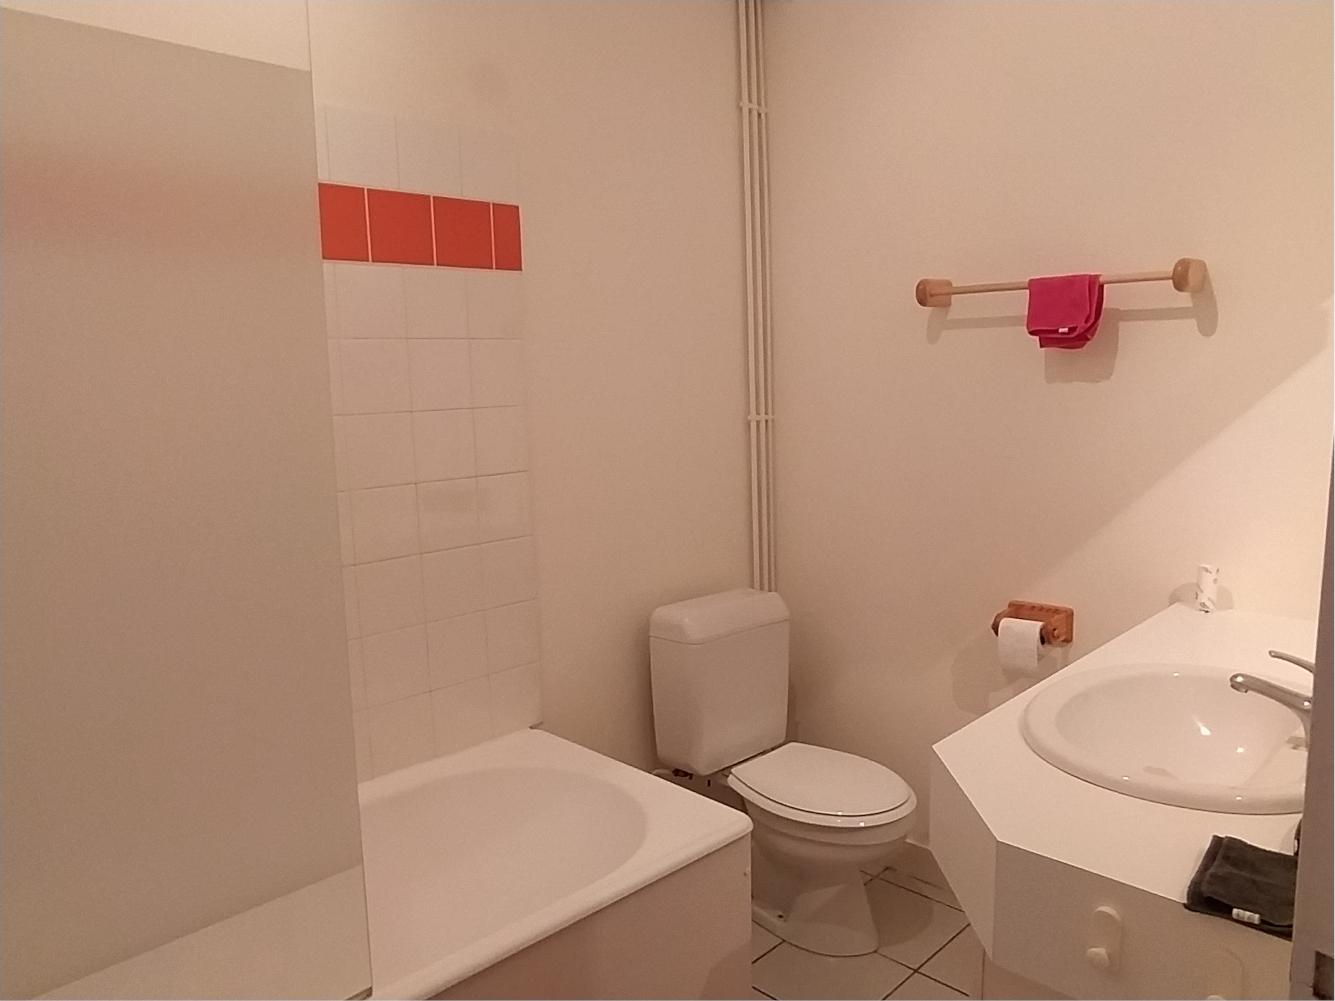 Salle de bains - toilettes